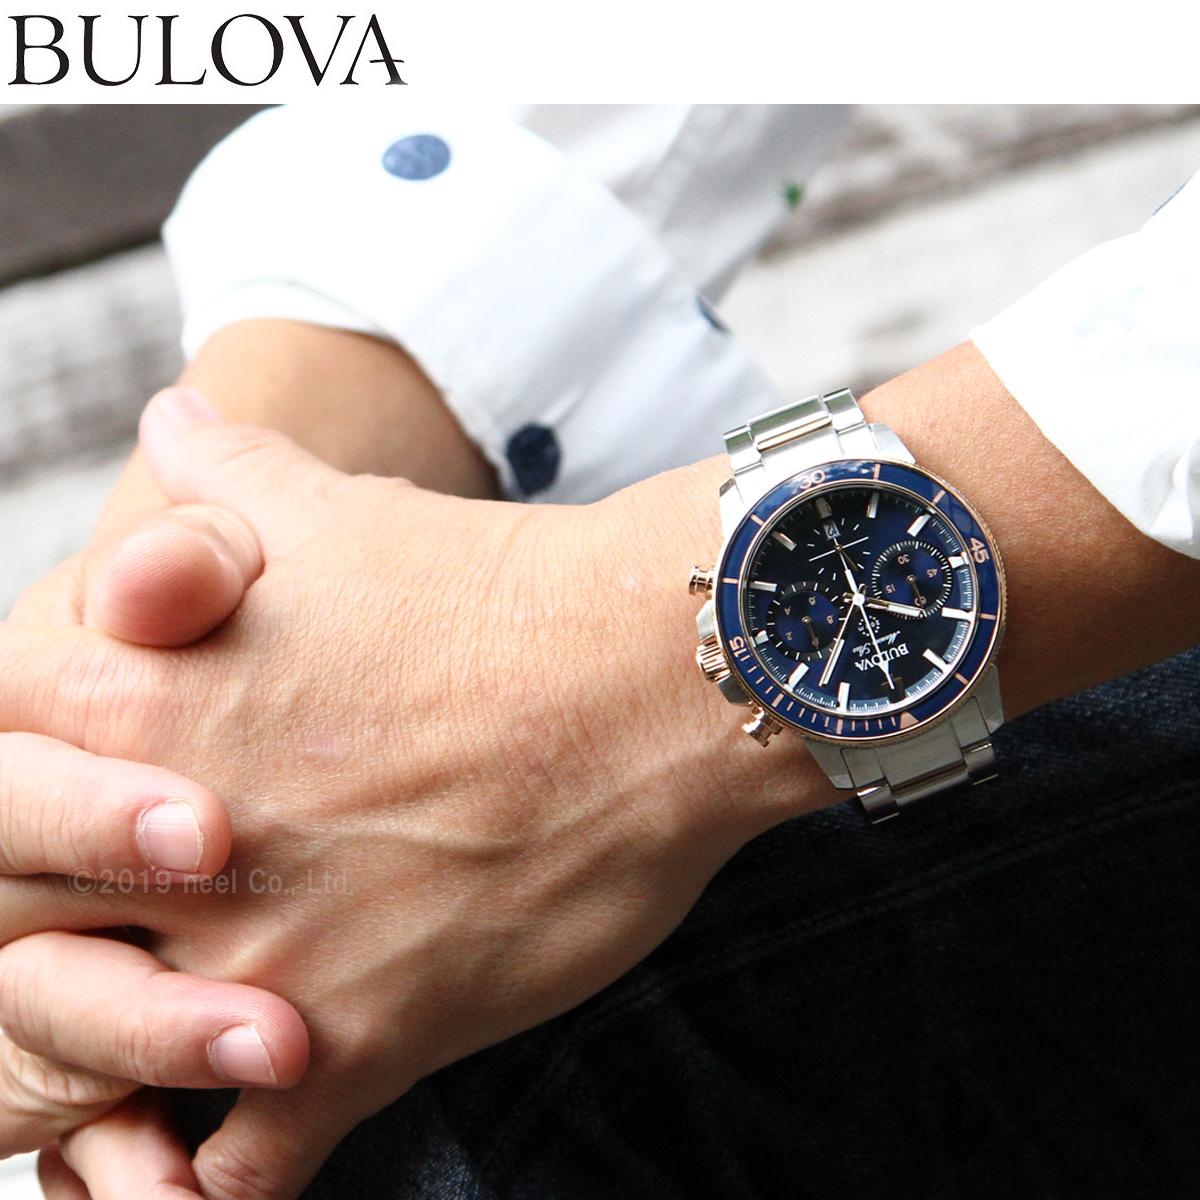 【5日0時~♪2000円OFFクーポン&店内ポイント最大51倍!5日23時59分まで】ブローバ BULOVA 腕時計 メンズ マリンスター Marine Star クロノグラフ 98B301